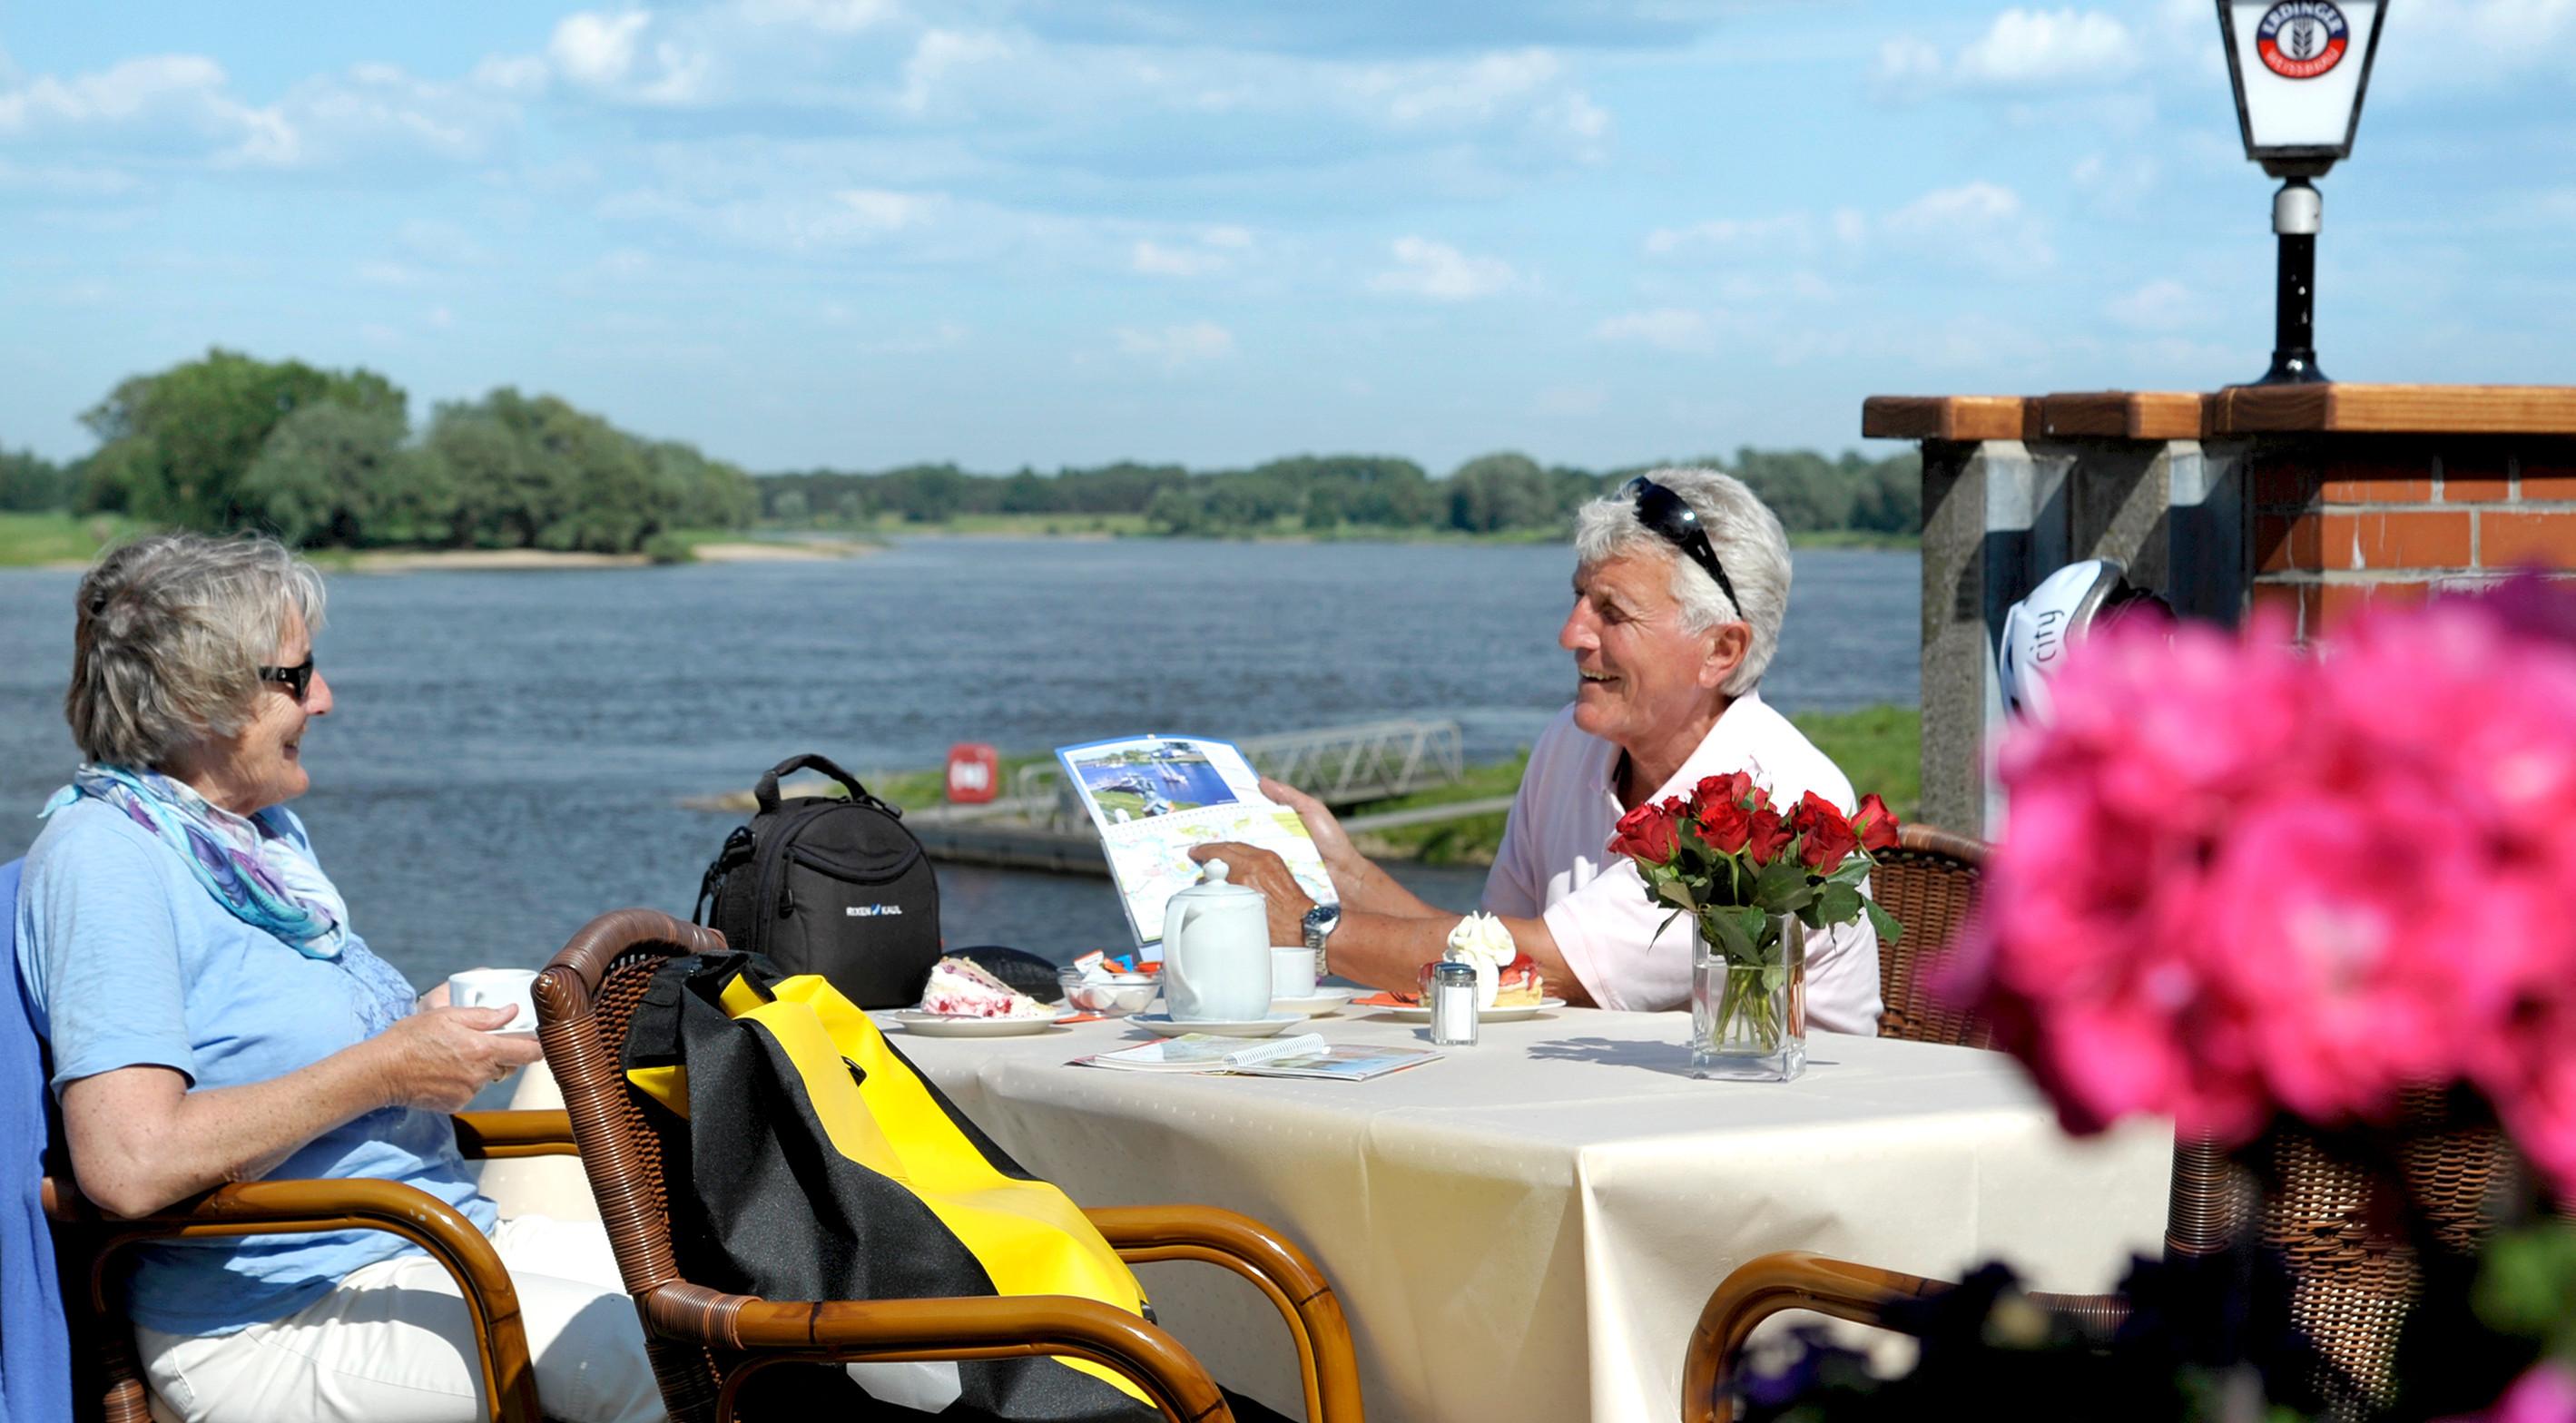 Informationsbesprechung von Radlern in einem Restaurant am Elberadweg bei Wussegel